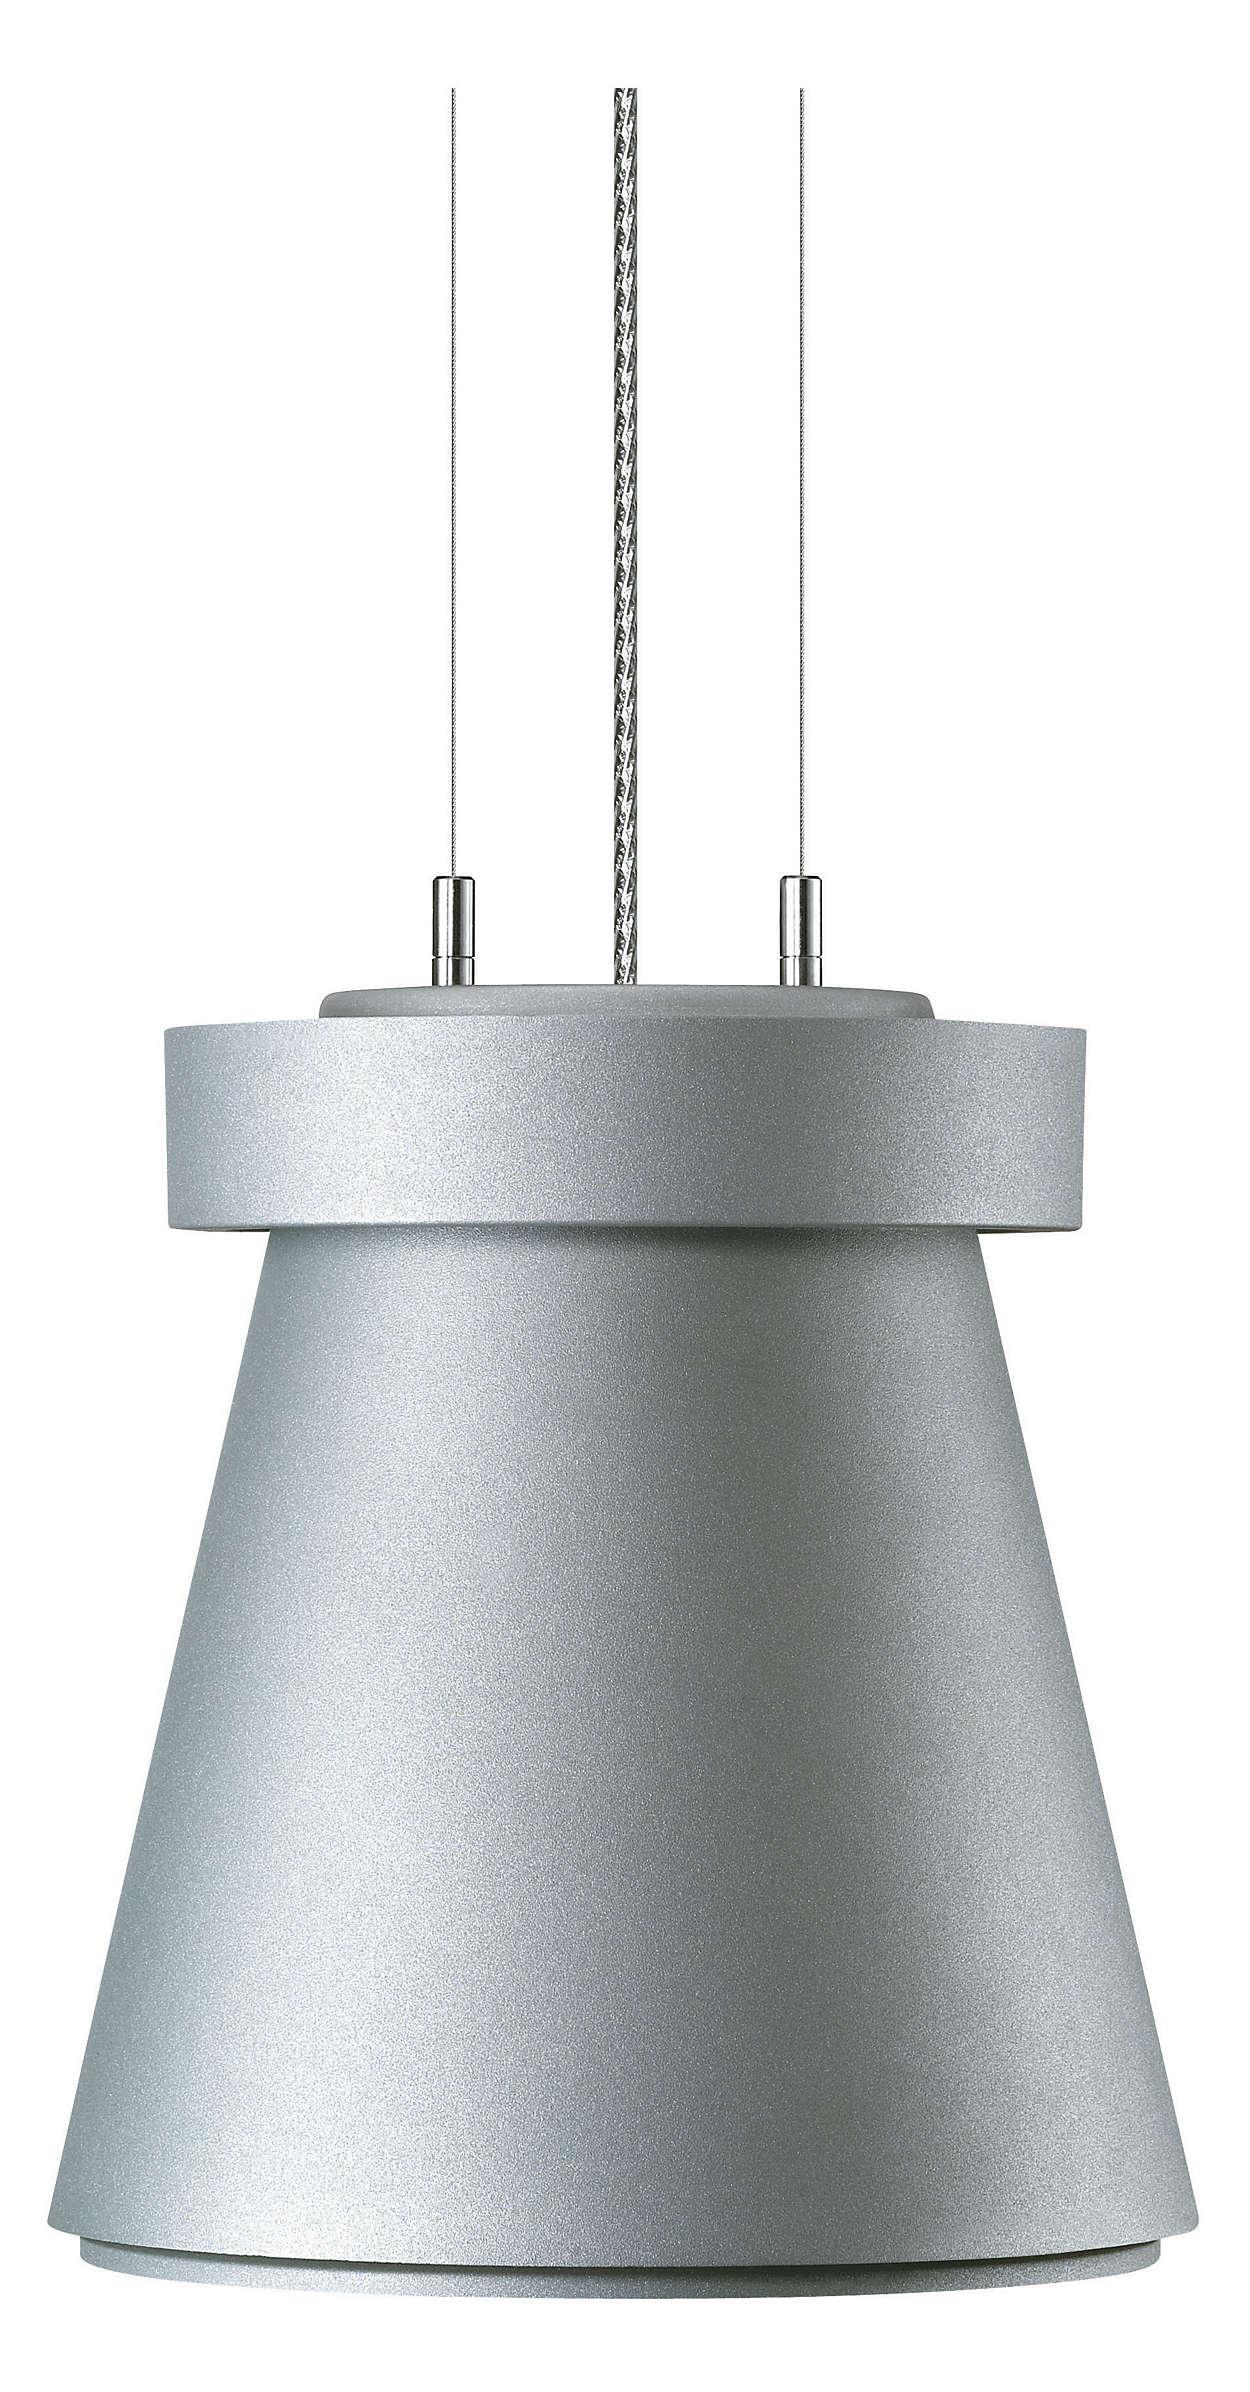 UnicOne 561/562 Suspension compact